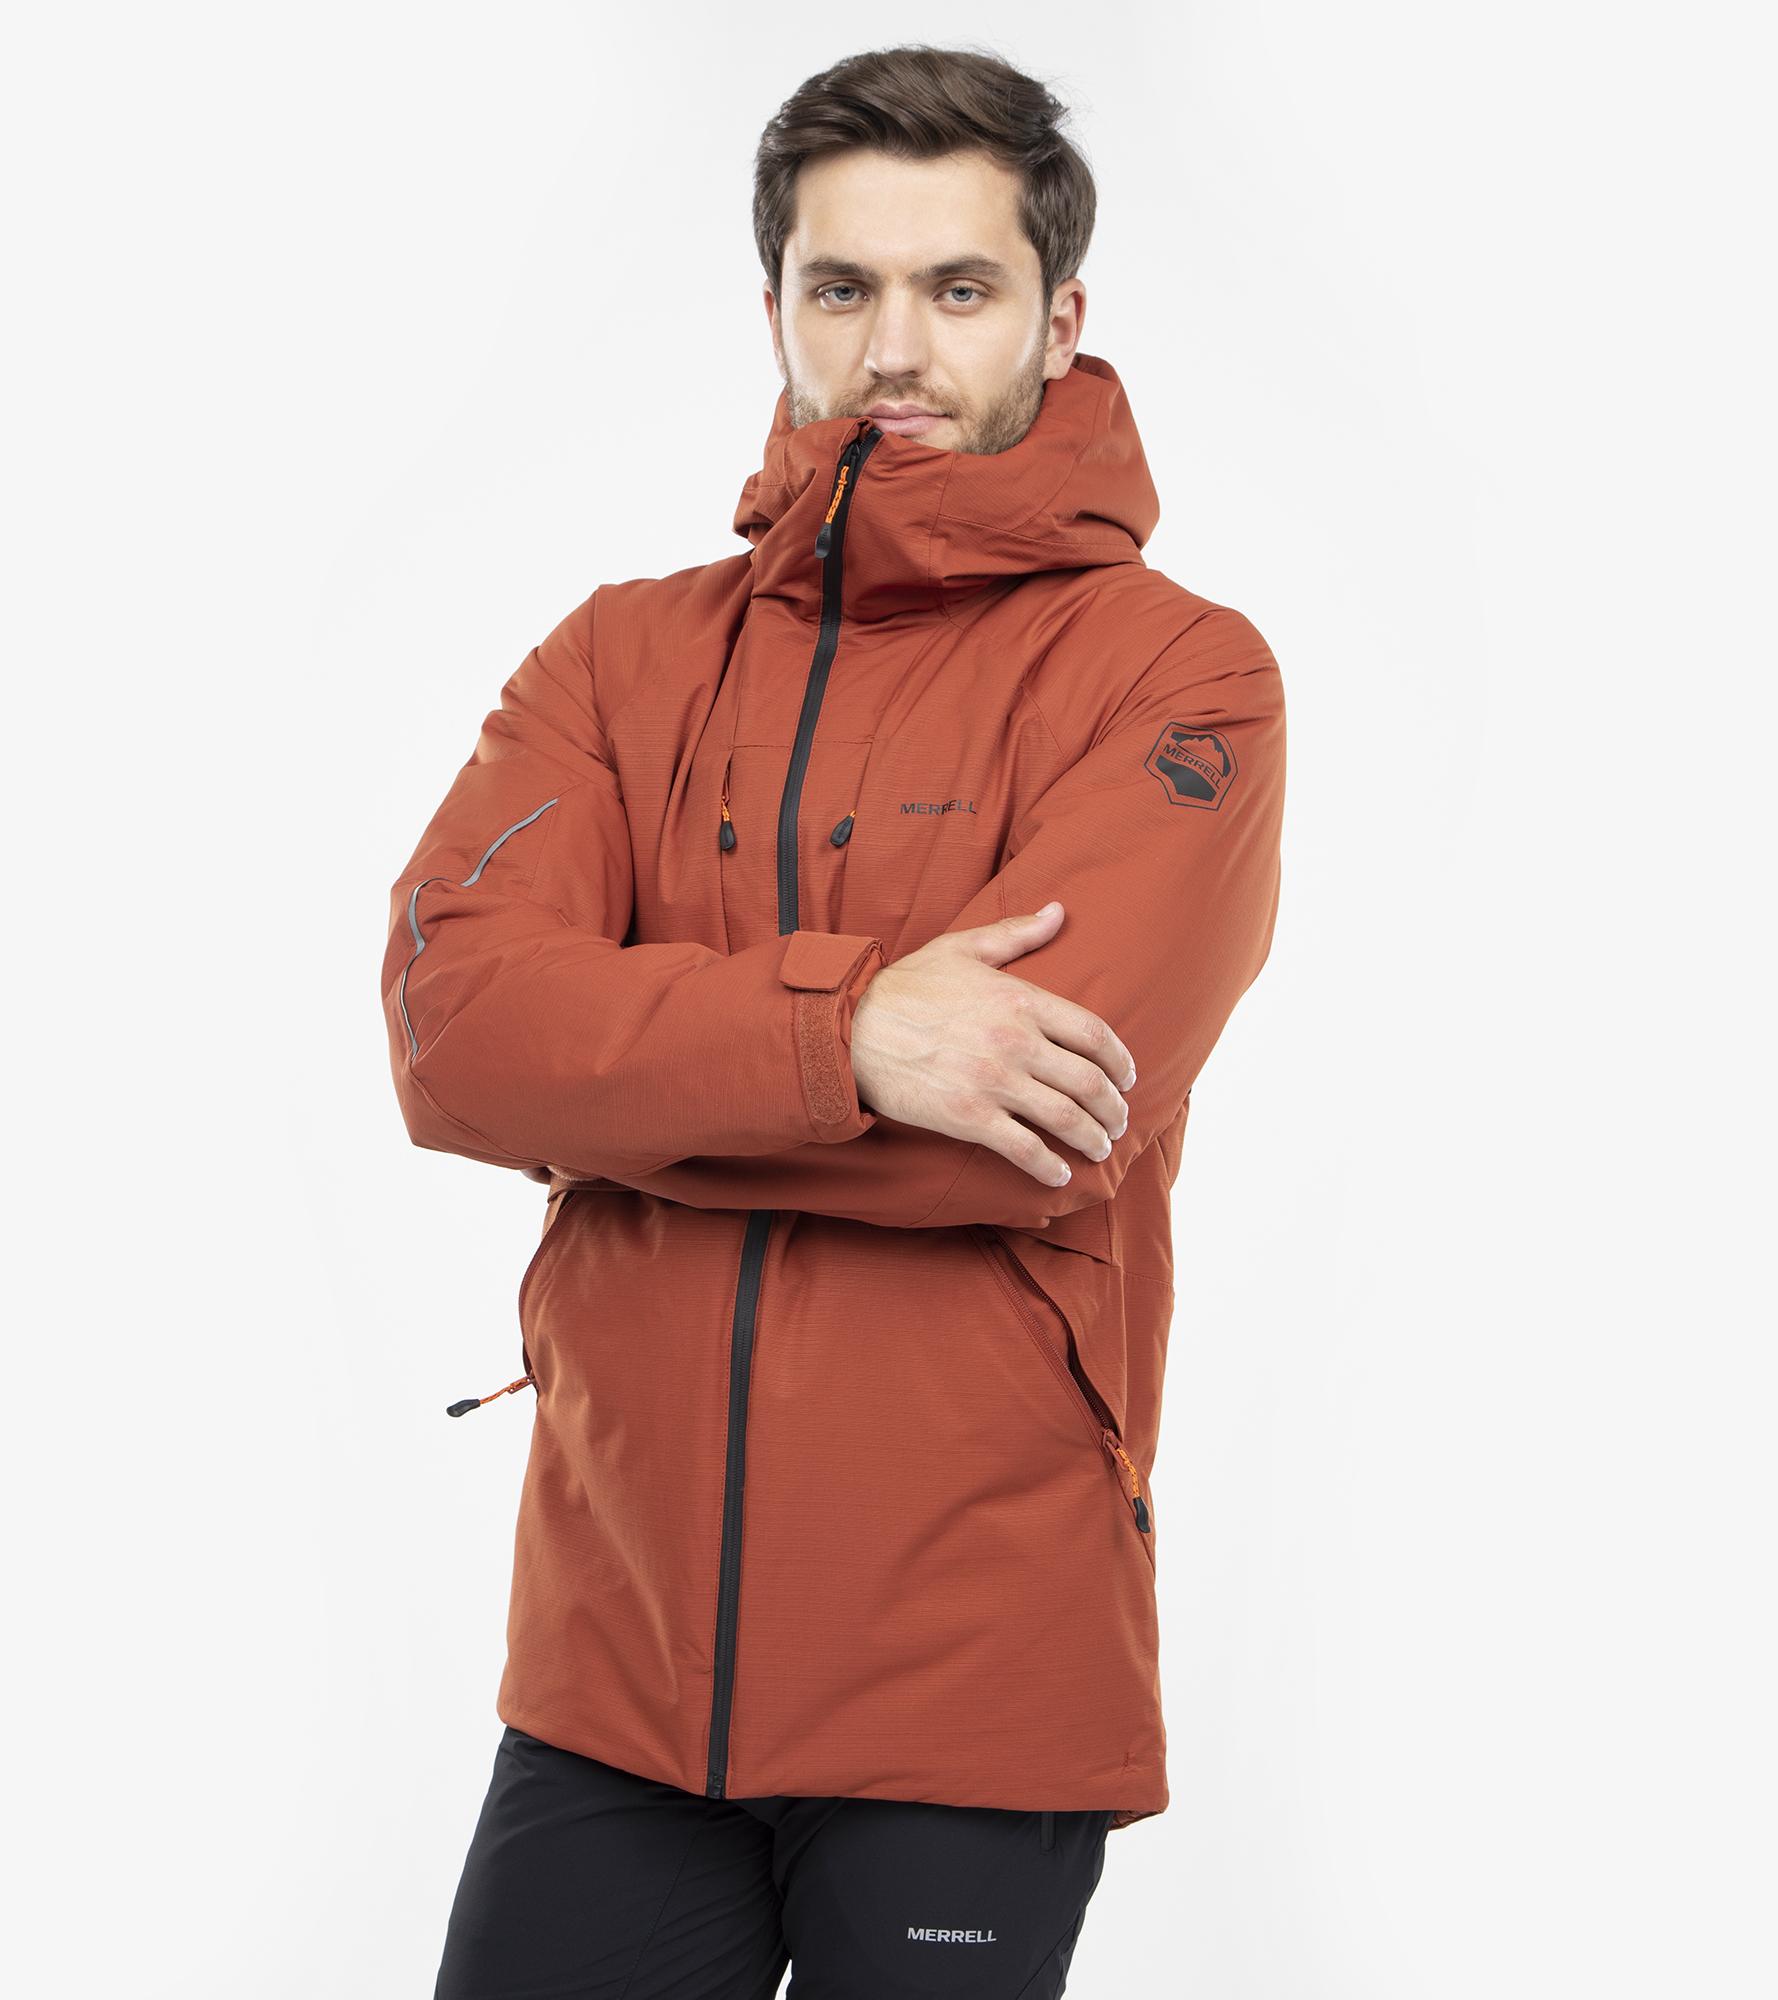 Merrell Куртка утепленная мужская Merrell, размер 56 цена